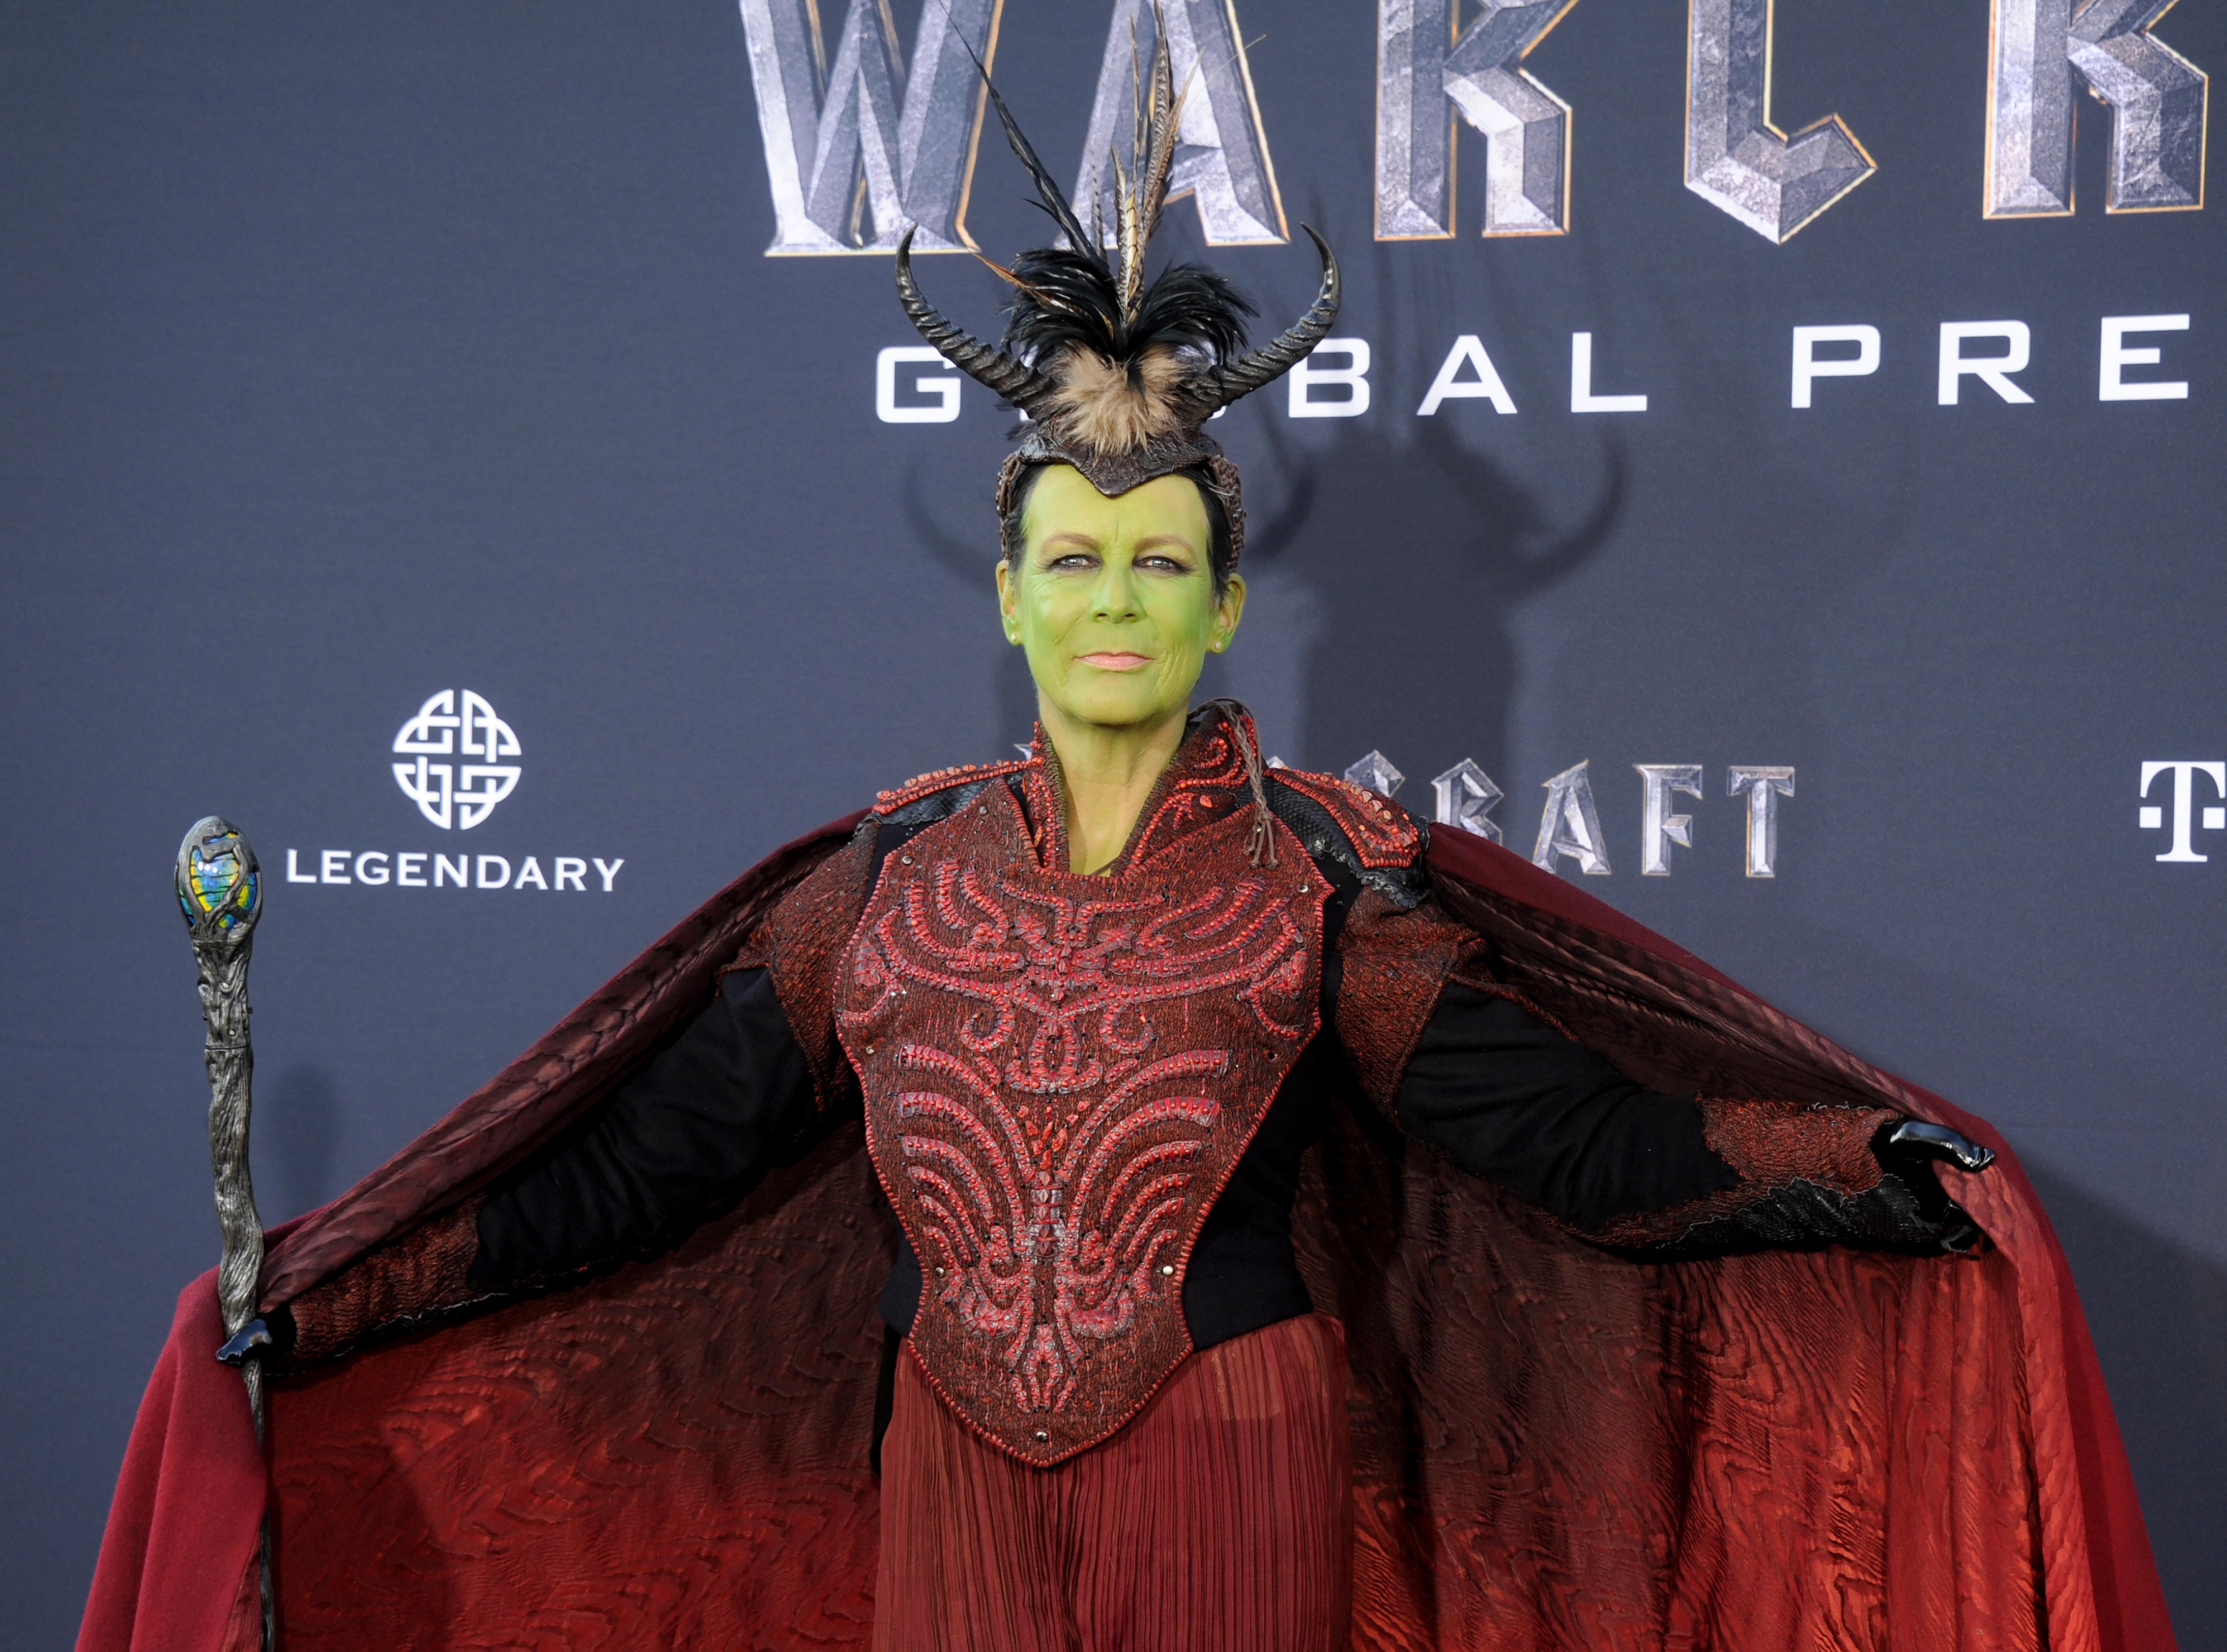 Jamie Lee Curtis cosplays at Warcraft premiere, yells 'Leeroy Jenkins'